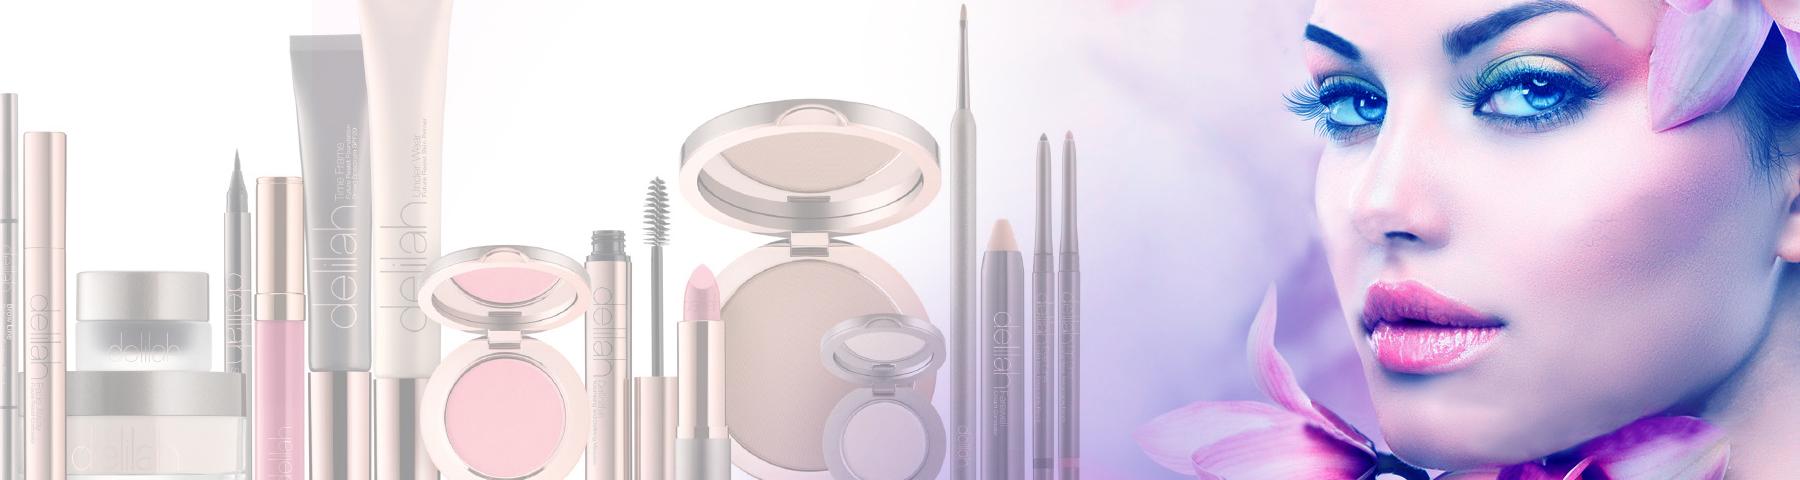 Cathy's Cosmetics